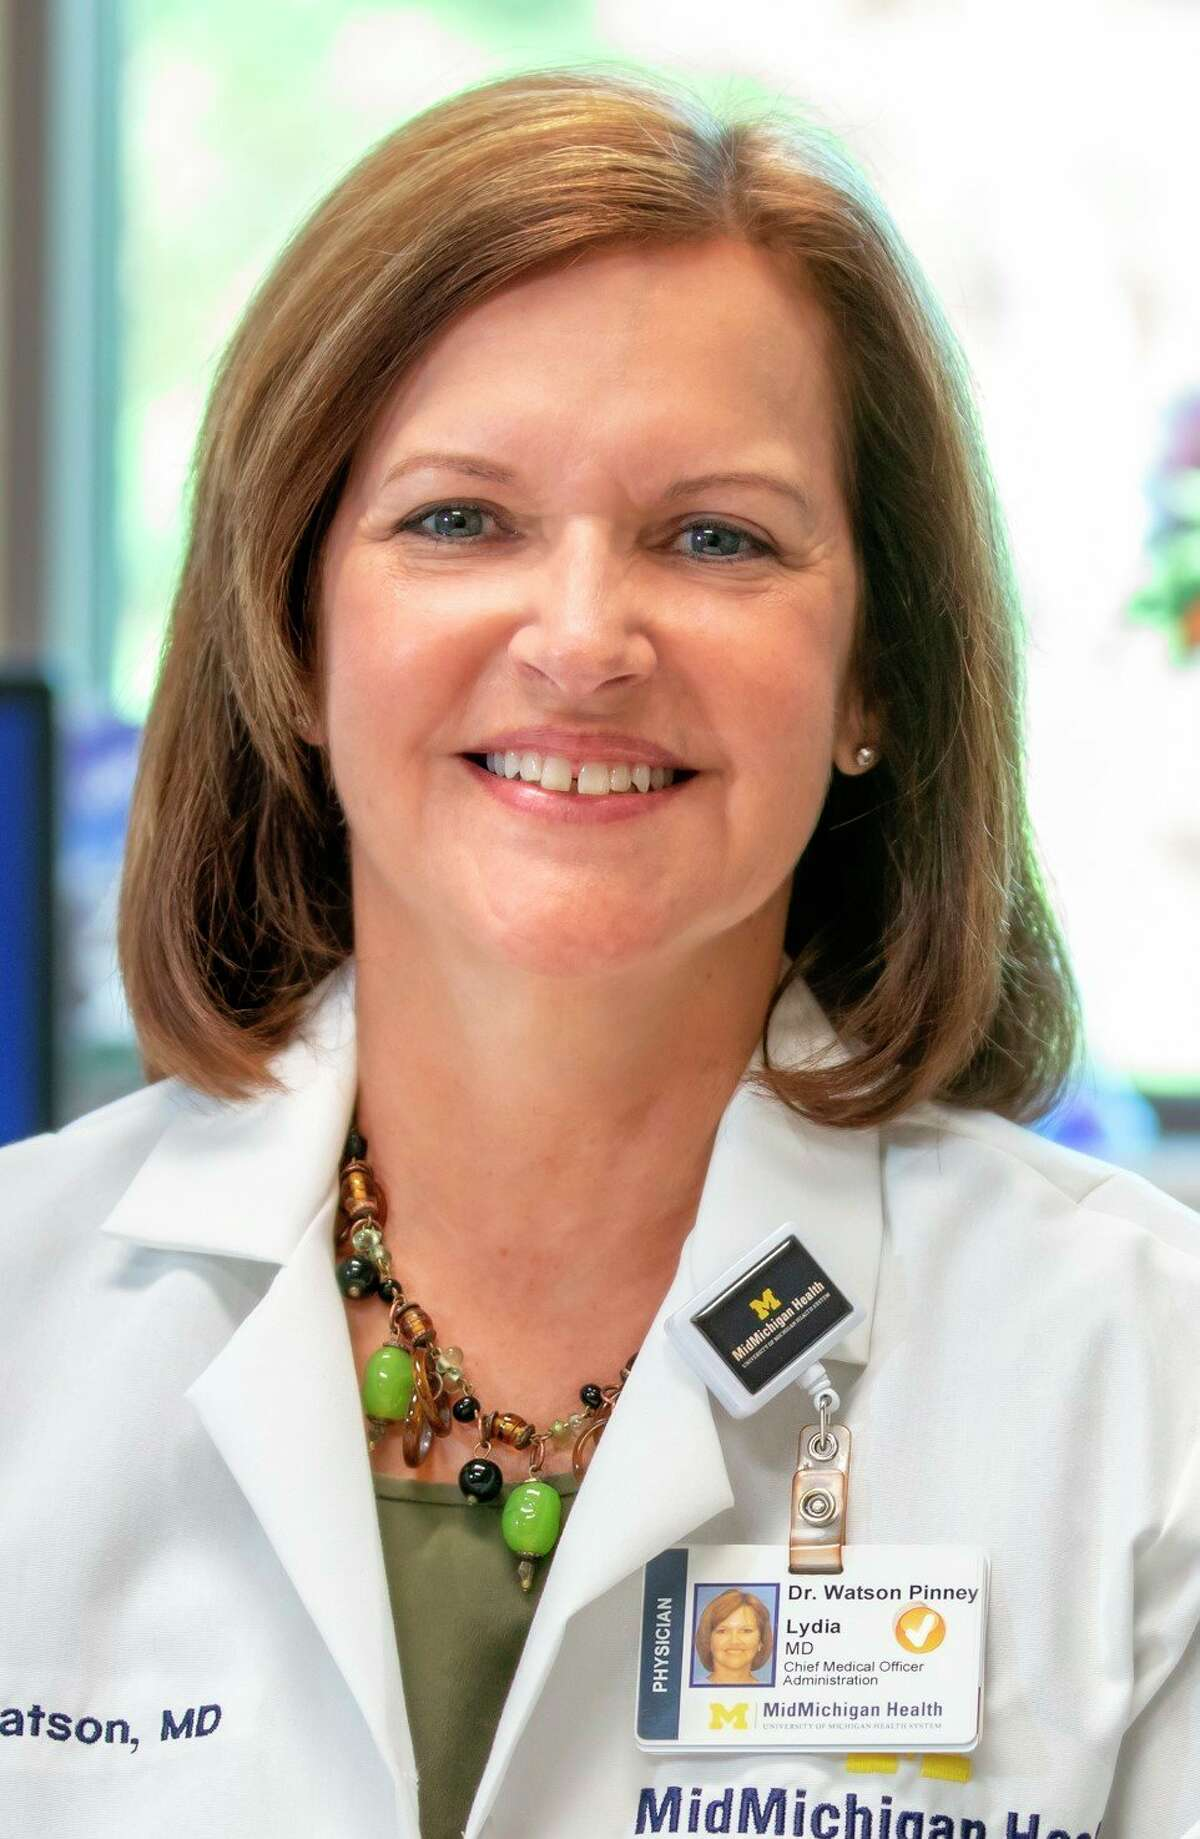 Dr. Lydia Watson